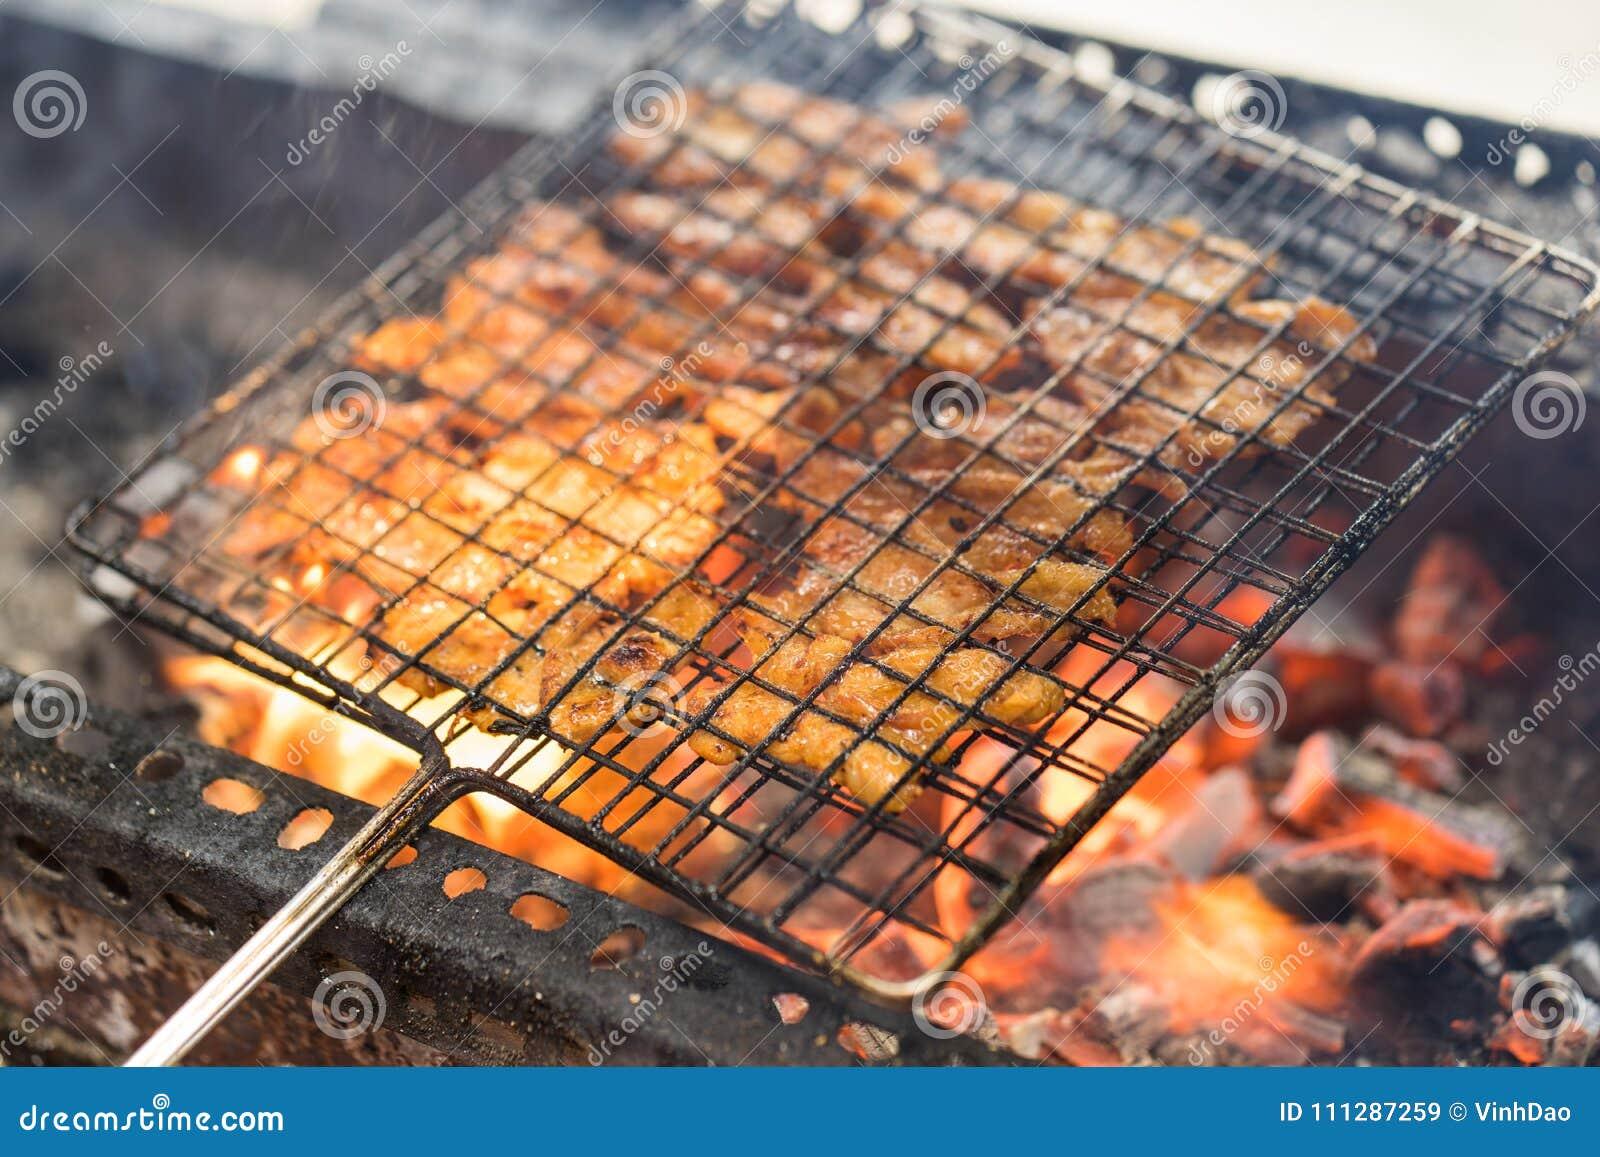 Grilla mięsny kucharstwo na ogieniu - składnik babeczki cha sławna Wietnamska kluski polewka z bbq mięsem, wiosny rolka, wermisze